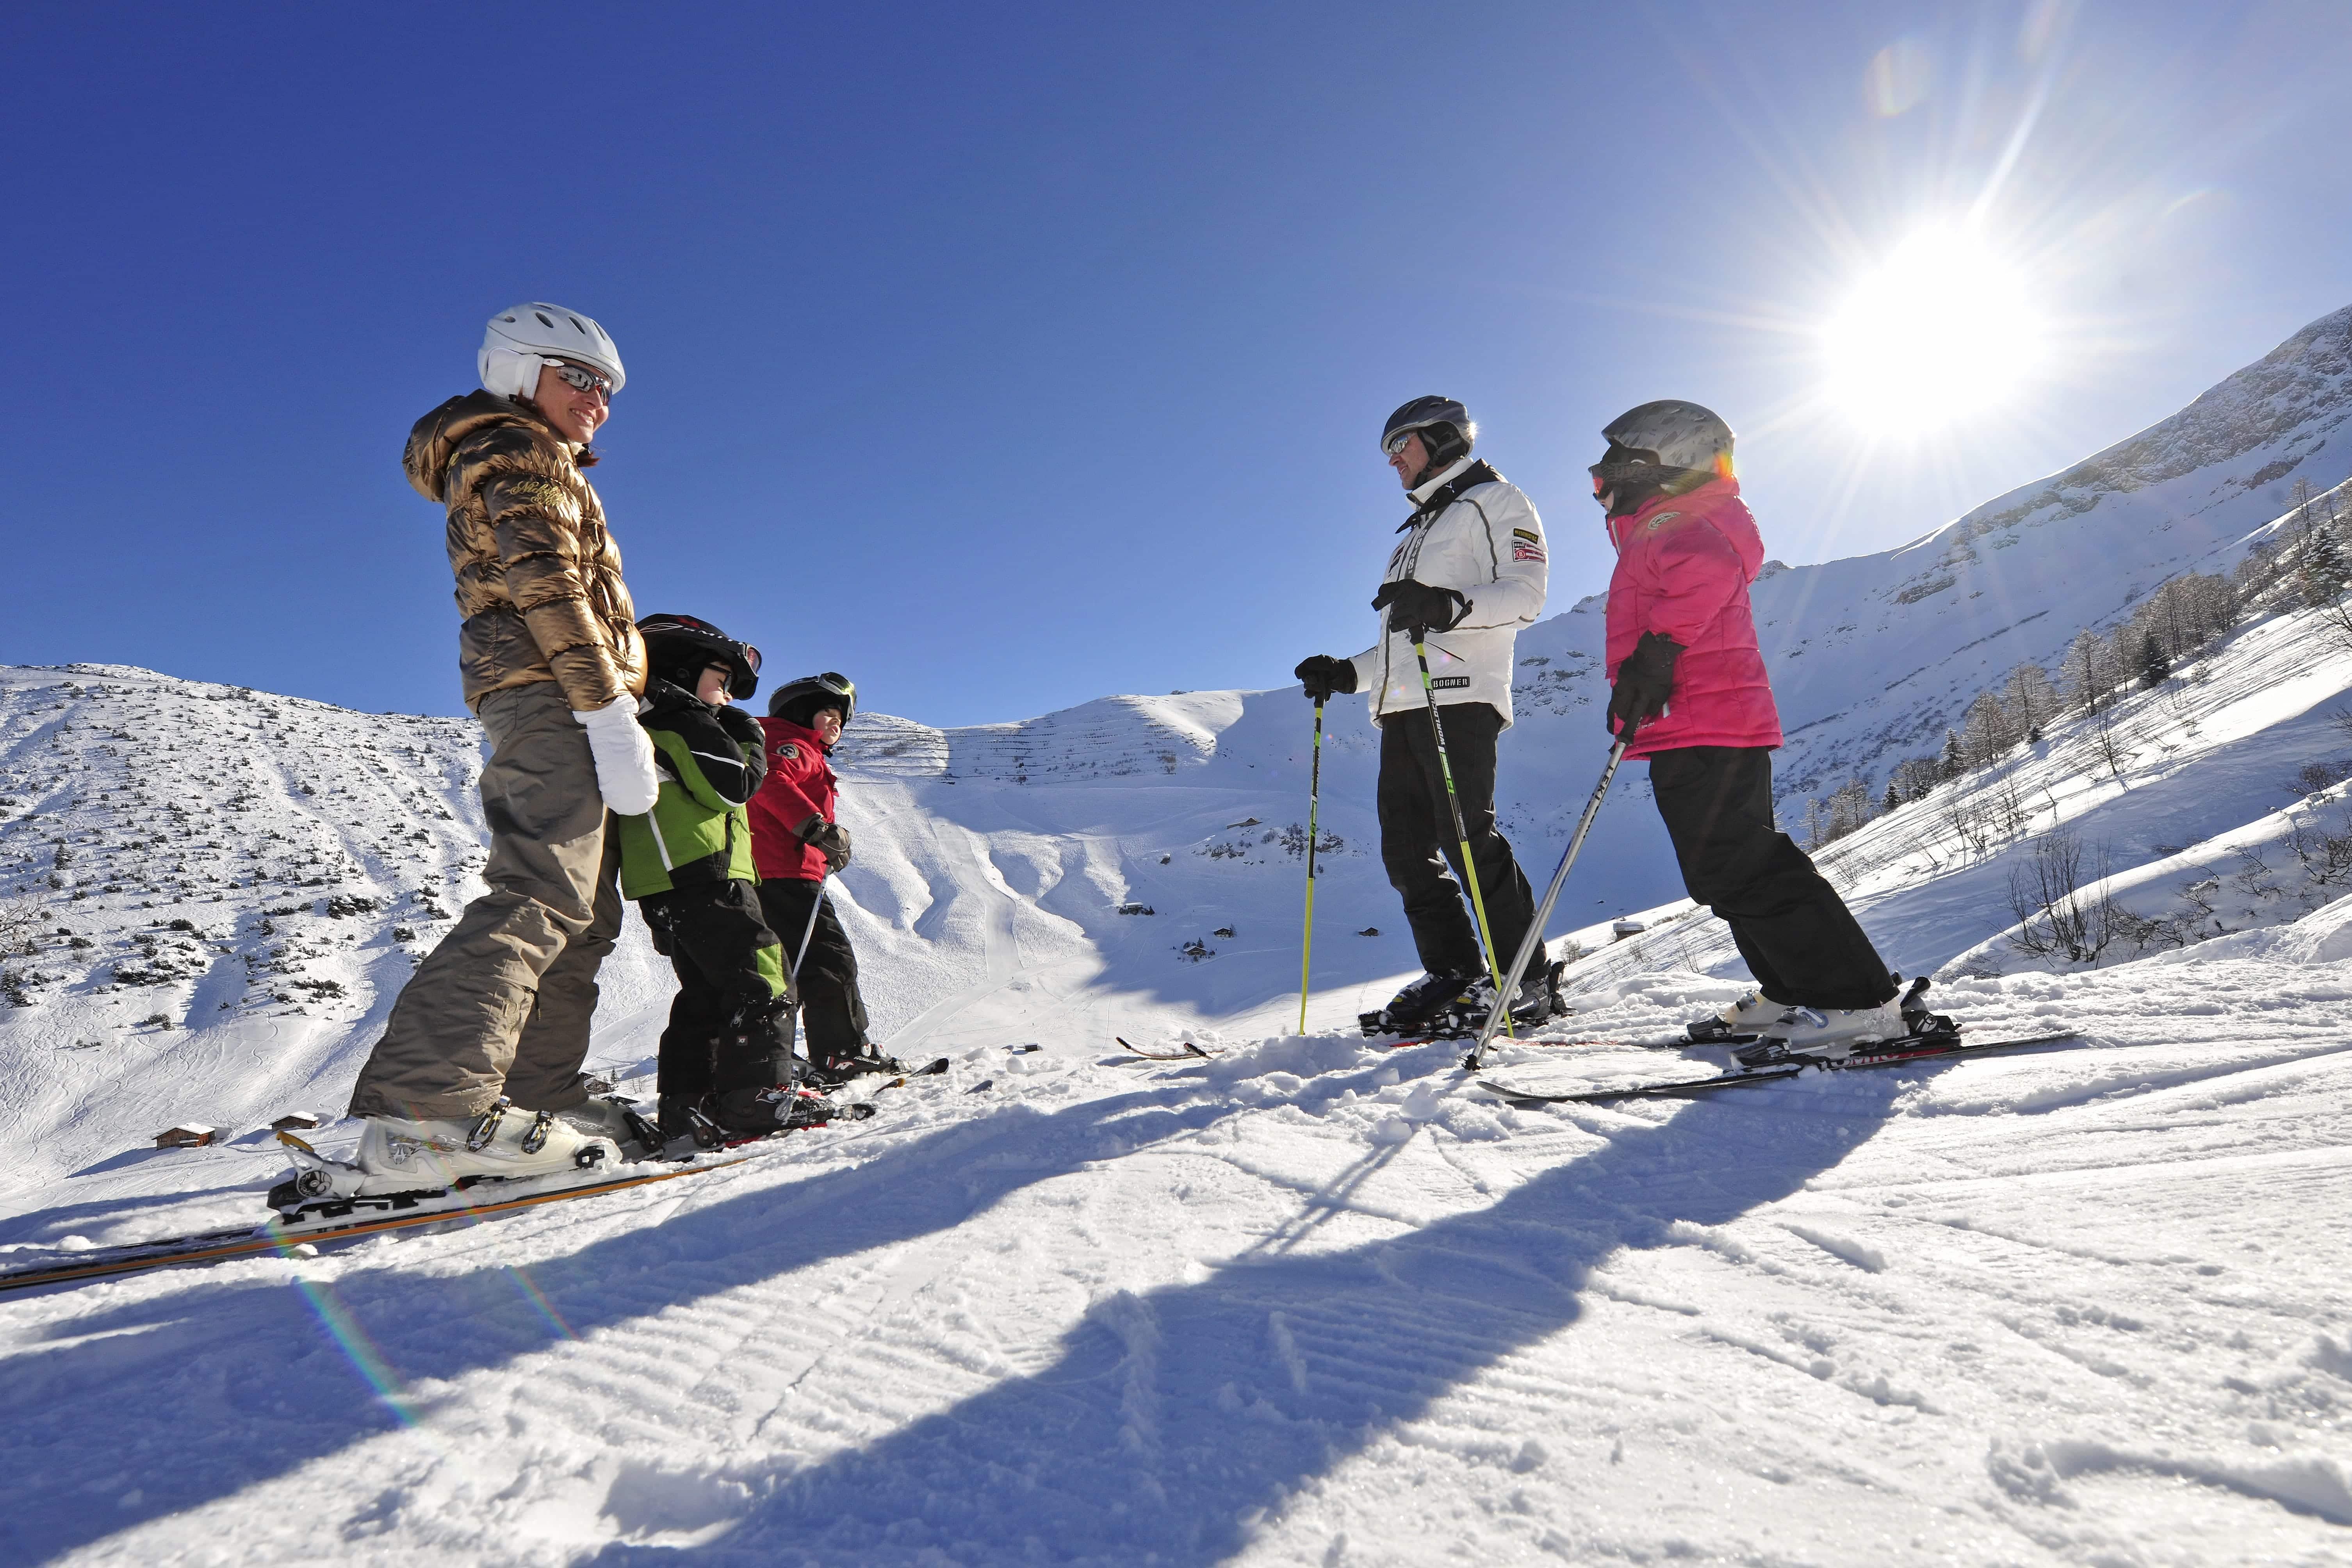 Familie beim Skifahren im Skigebiet Malbun in den Liechtensteiner Alpen in der Nähe vom JUFA Hotel Malbun - Alpin-Resort. Der Ort für erholsamen Familienurlaub und einen unvergesslichen Winterurlaub.